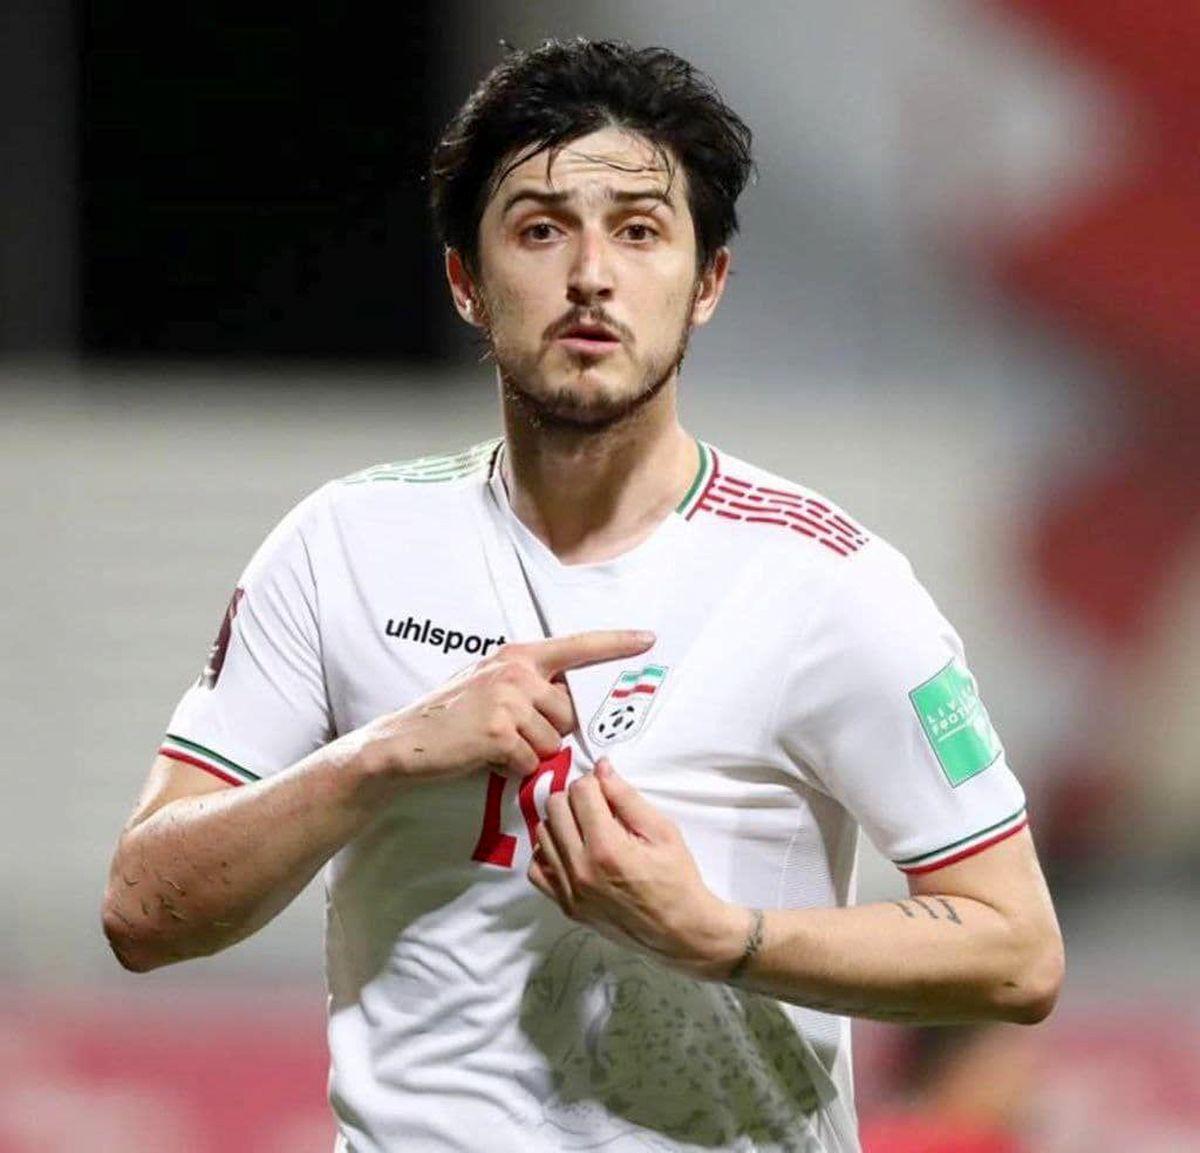 پیروزی ٣ بر صفر تیم ملی فوتبال ایران مقابل بحرین